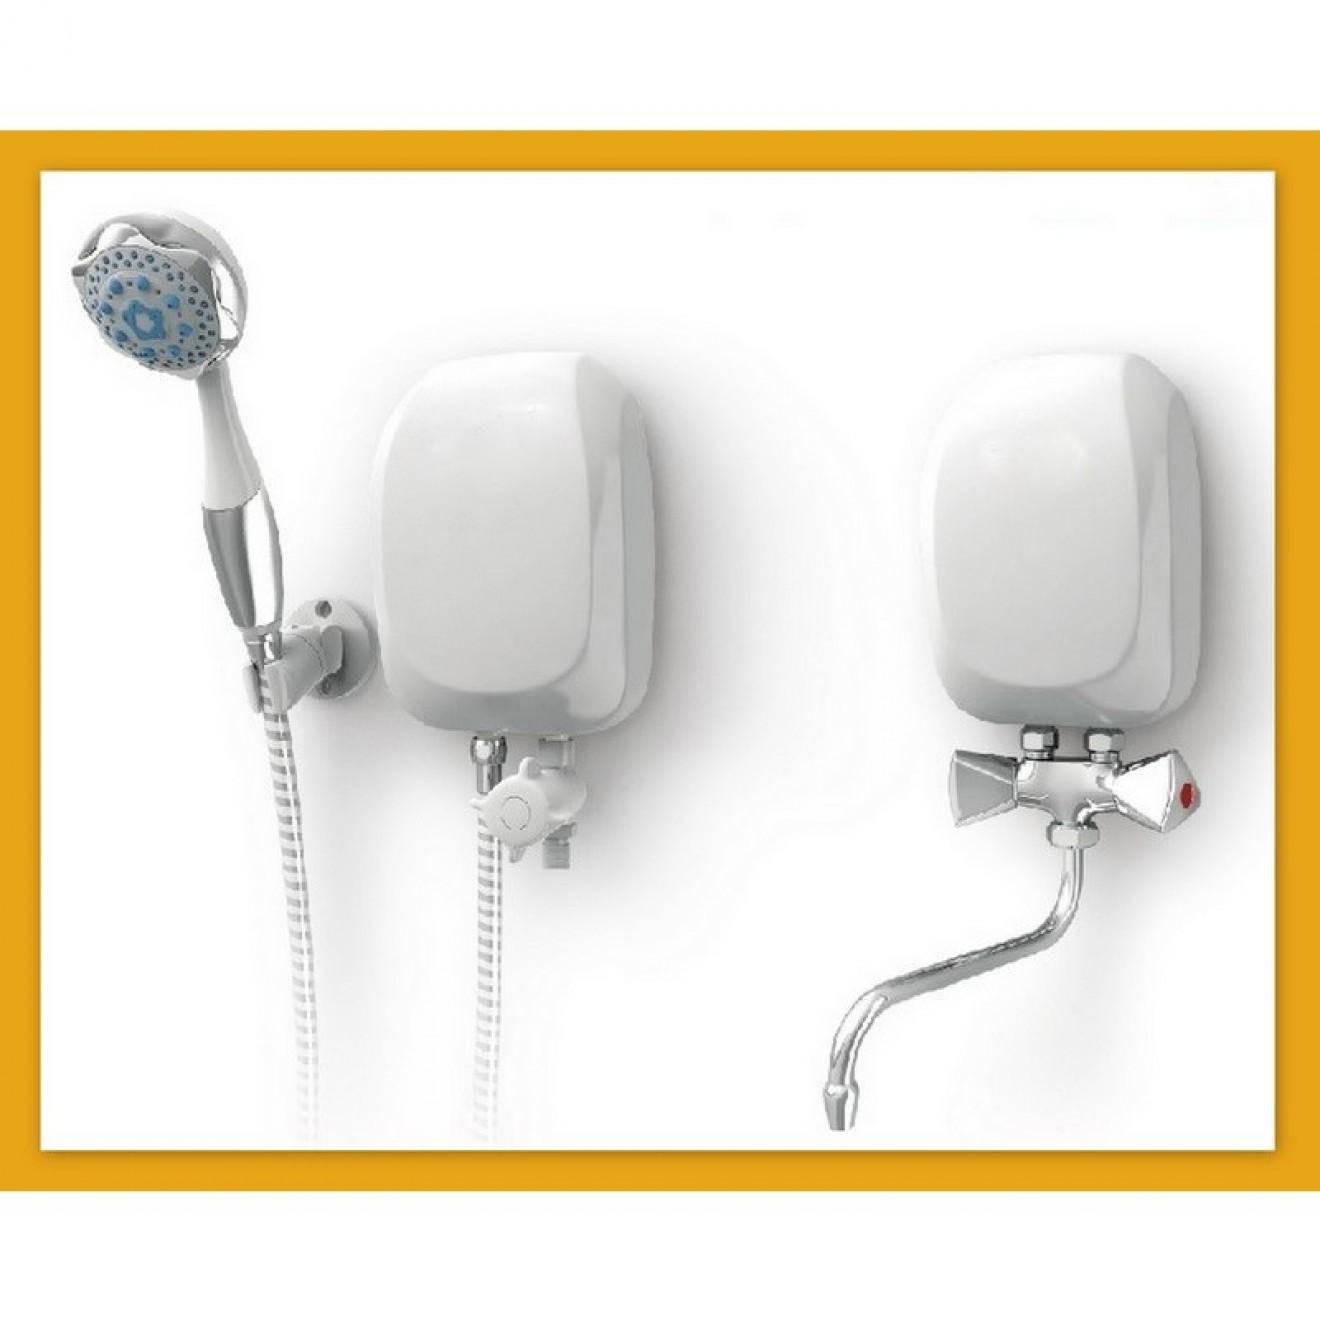 elektronischer durchlauferhitzer 3,5 kw 5,0 kw 7,0 kw küche bad ... - Durchlauferhitzer Küche Untertisch